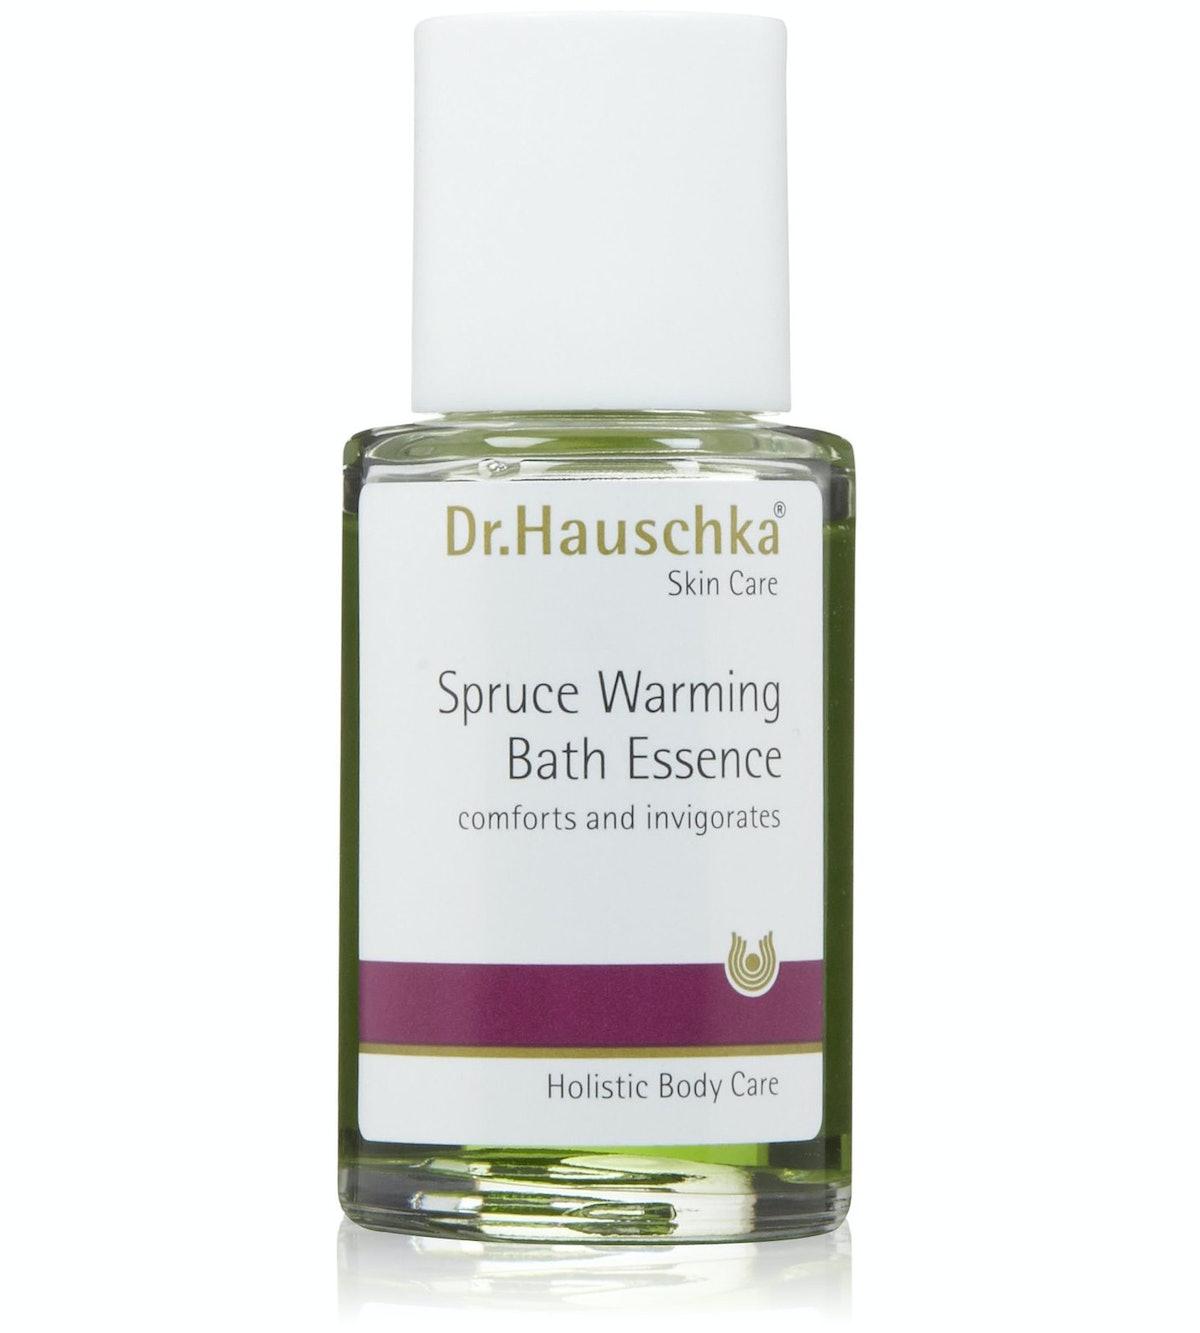 Dr. Hauschka Spruce Warming Bath Essence